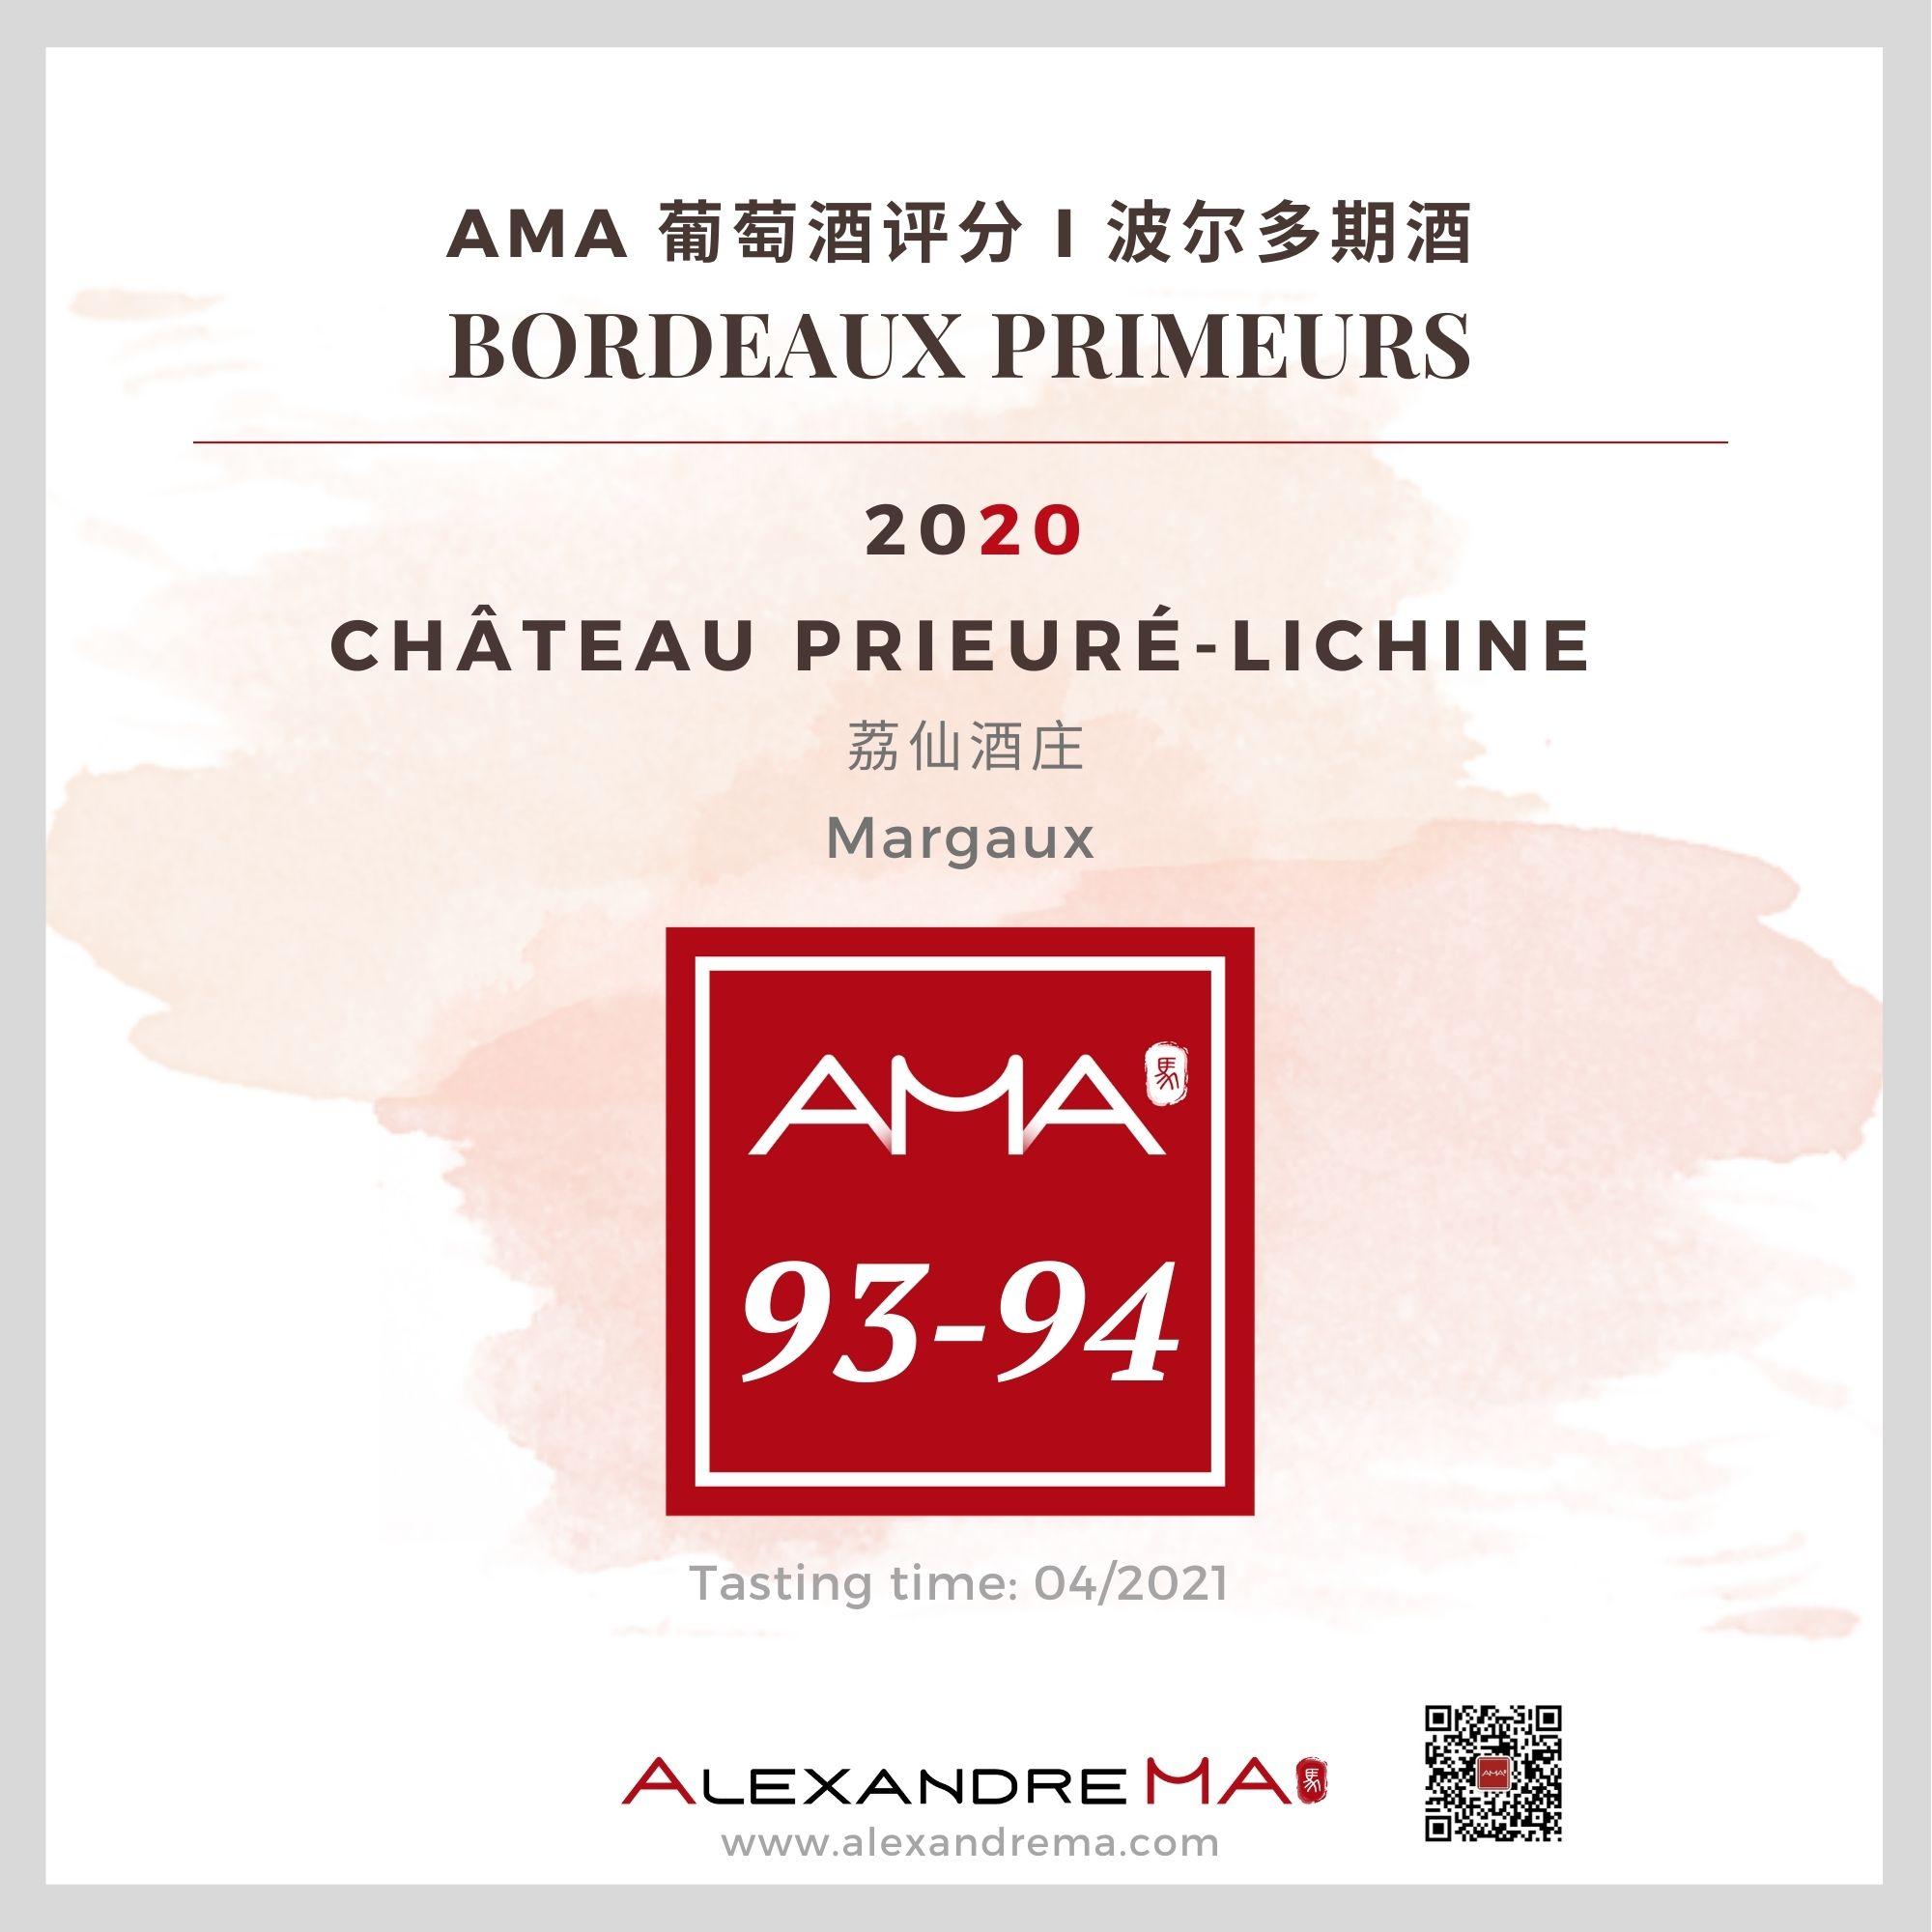 Château Prieuré-Lichine 2020 荔仙酒庄 - Alexandre Ma